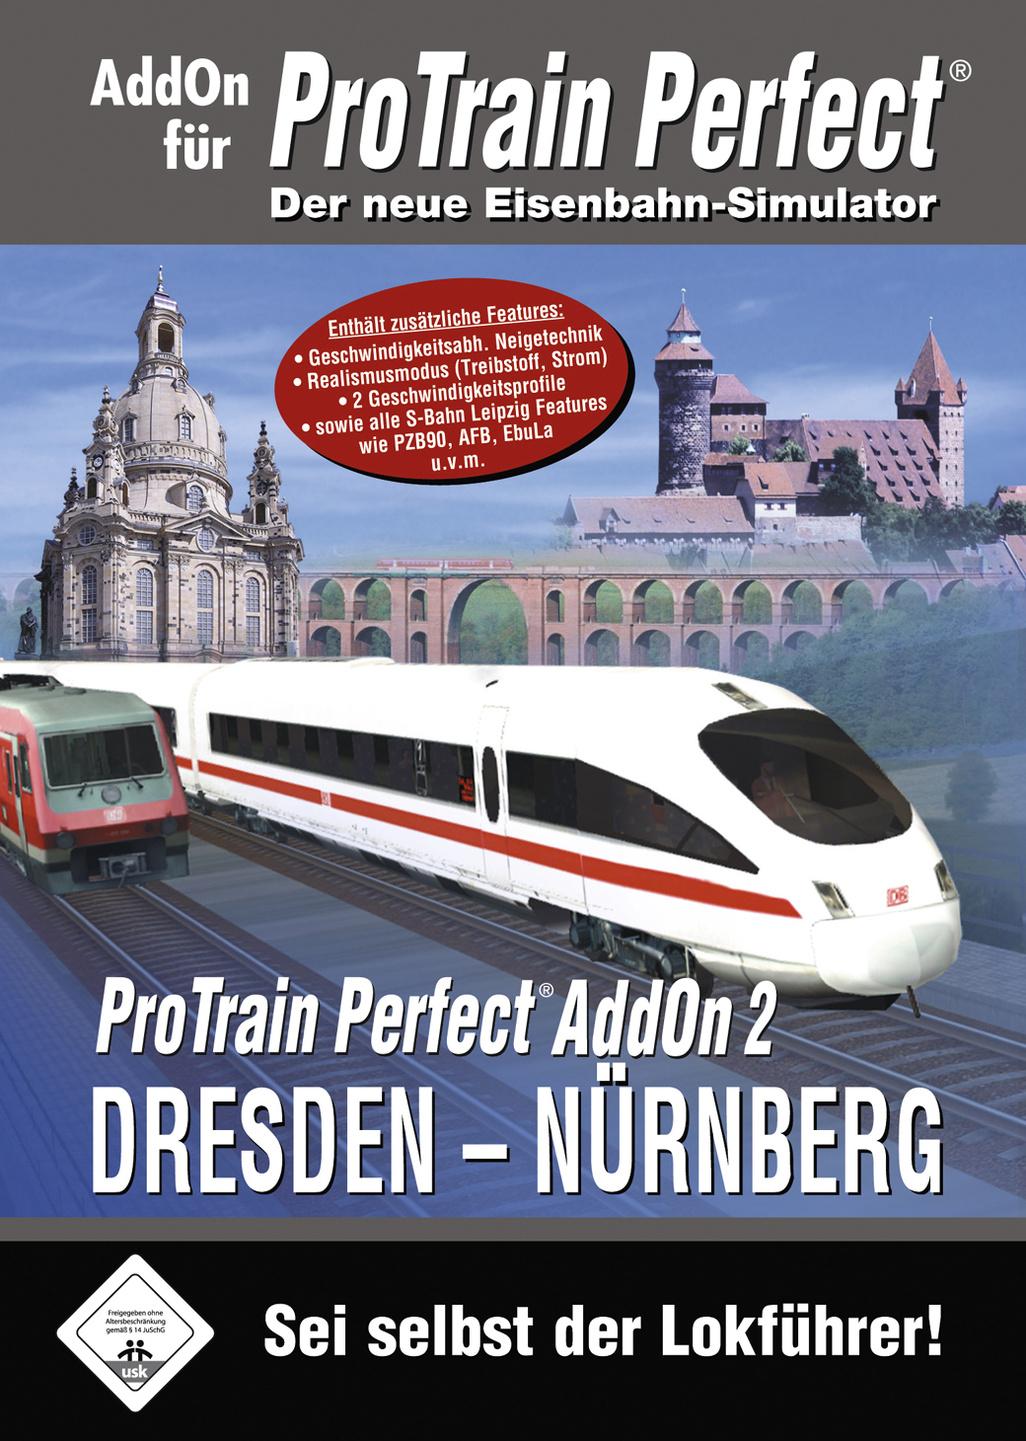 ProTrain Perfect AddOn 2 Dresden - Nürnberg